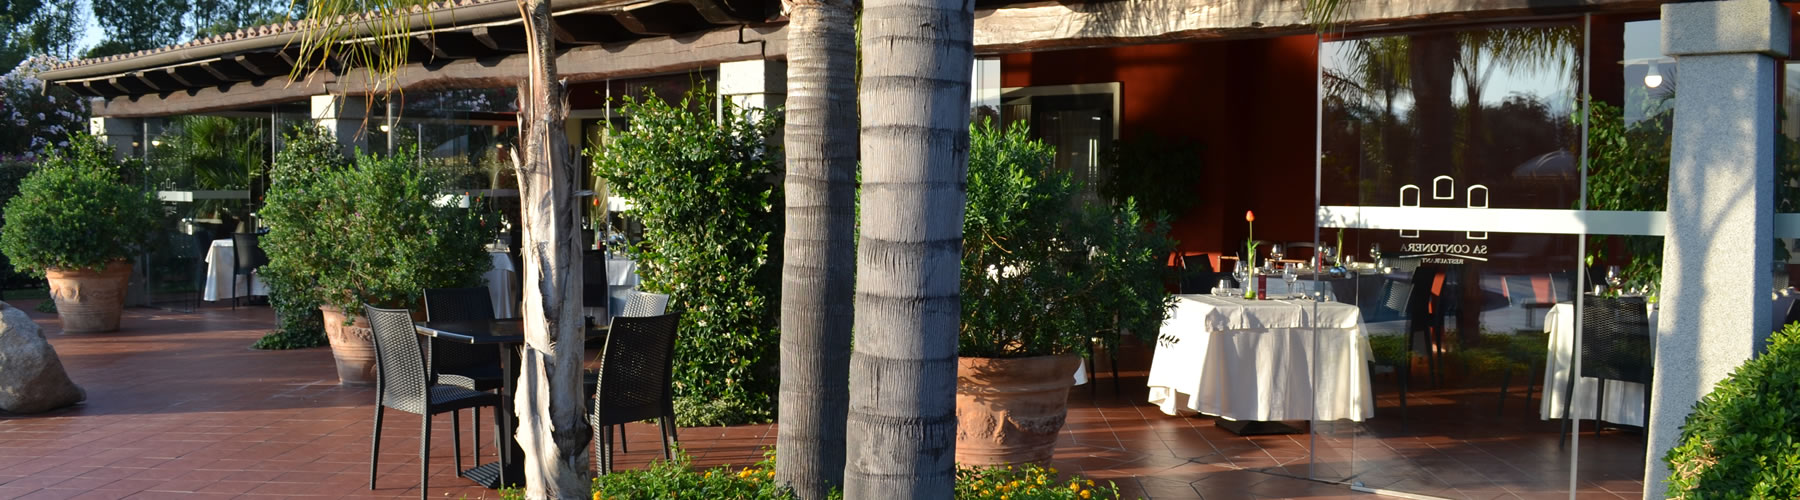 Plongez dans l'atmosphère magique de notre terrasse Hotel Sa Contonera